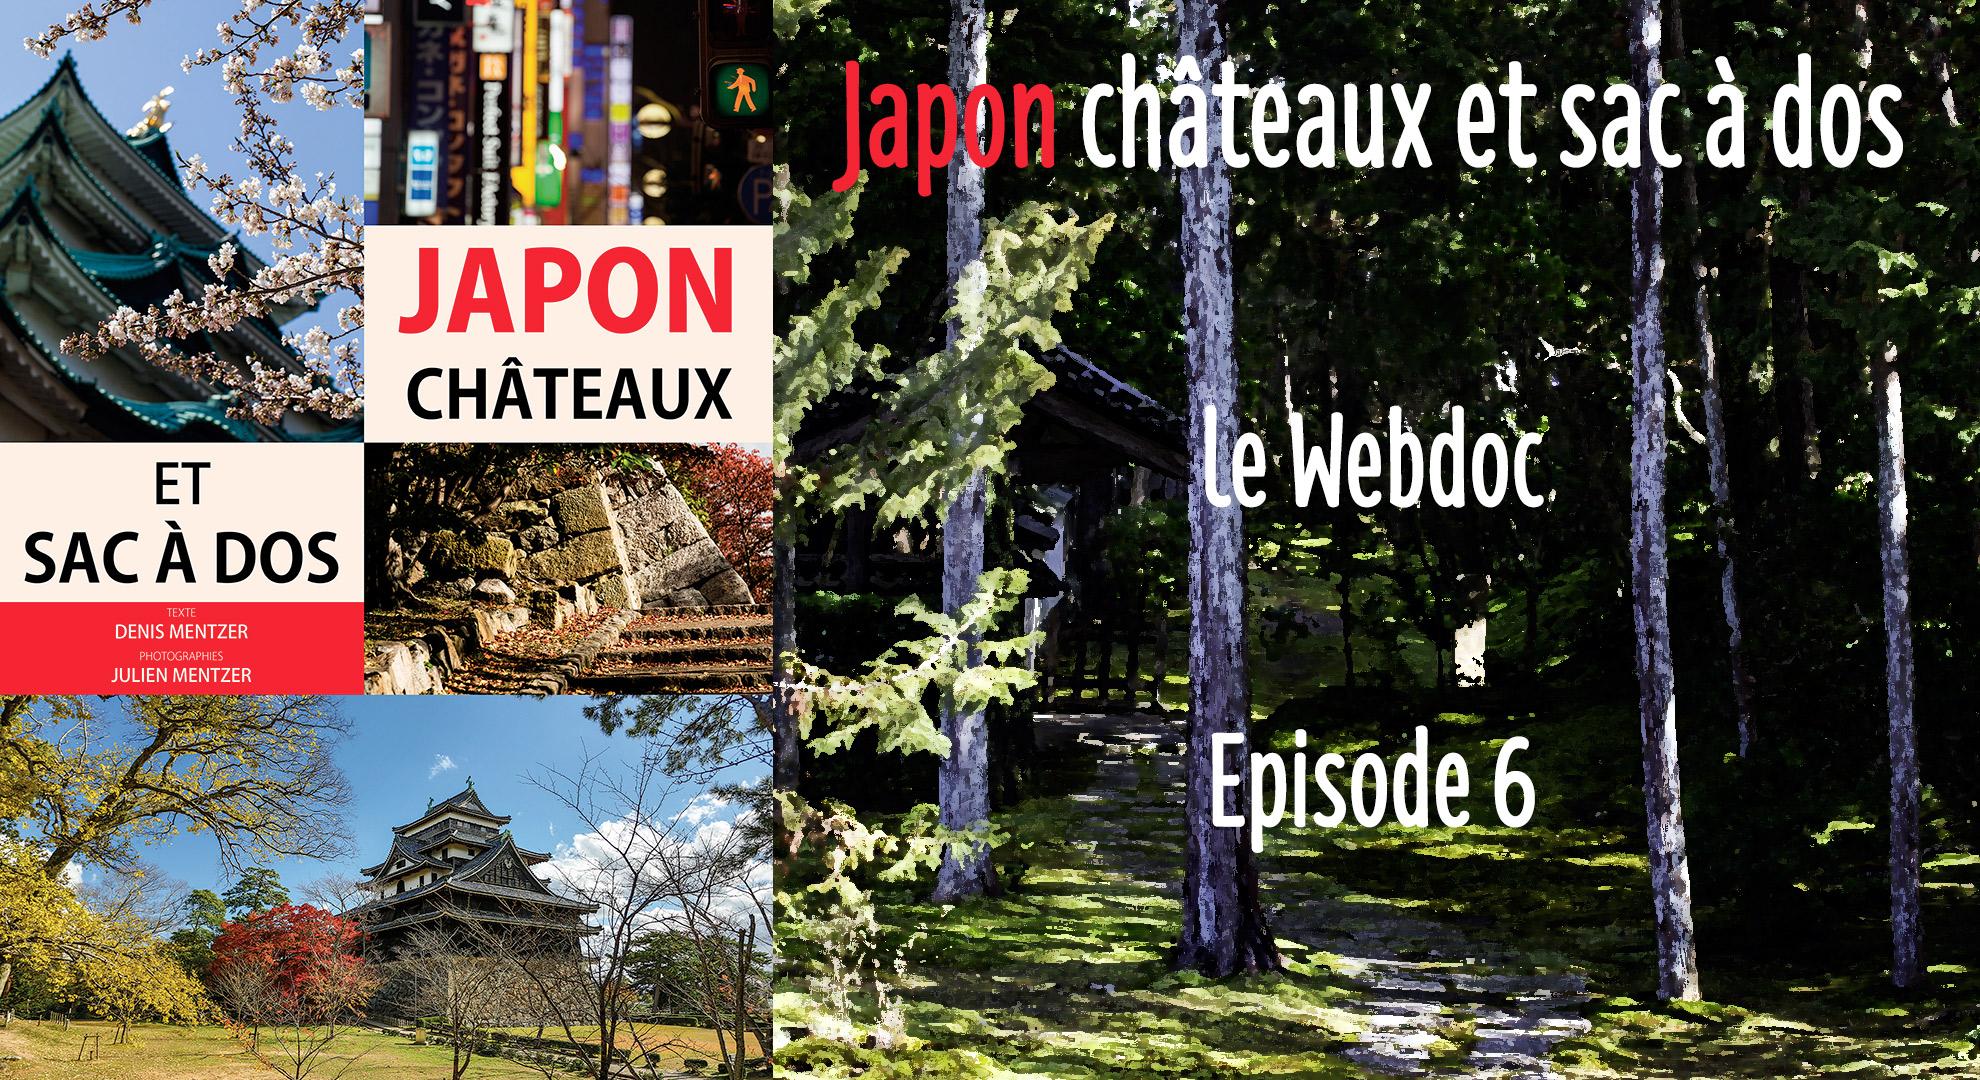 """L'épisode 6 du webdoc """"Japon châteaux et sac à dos"""" est disponible"""